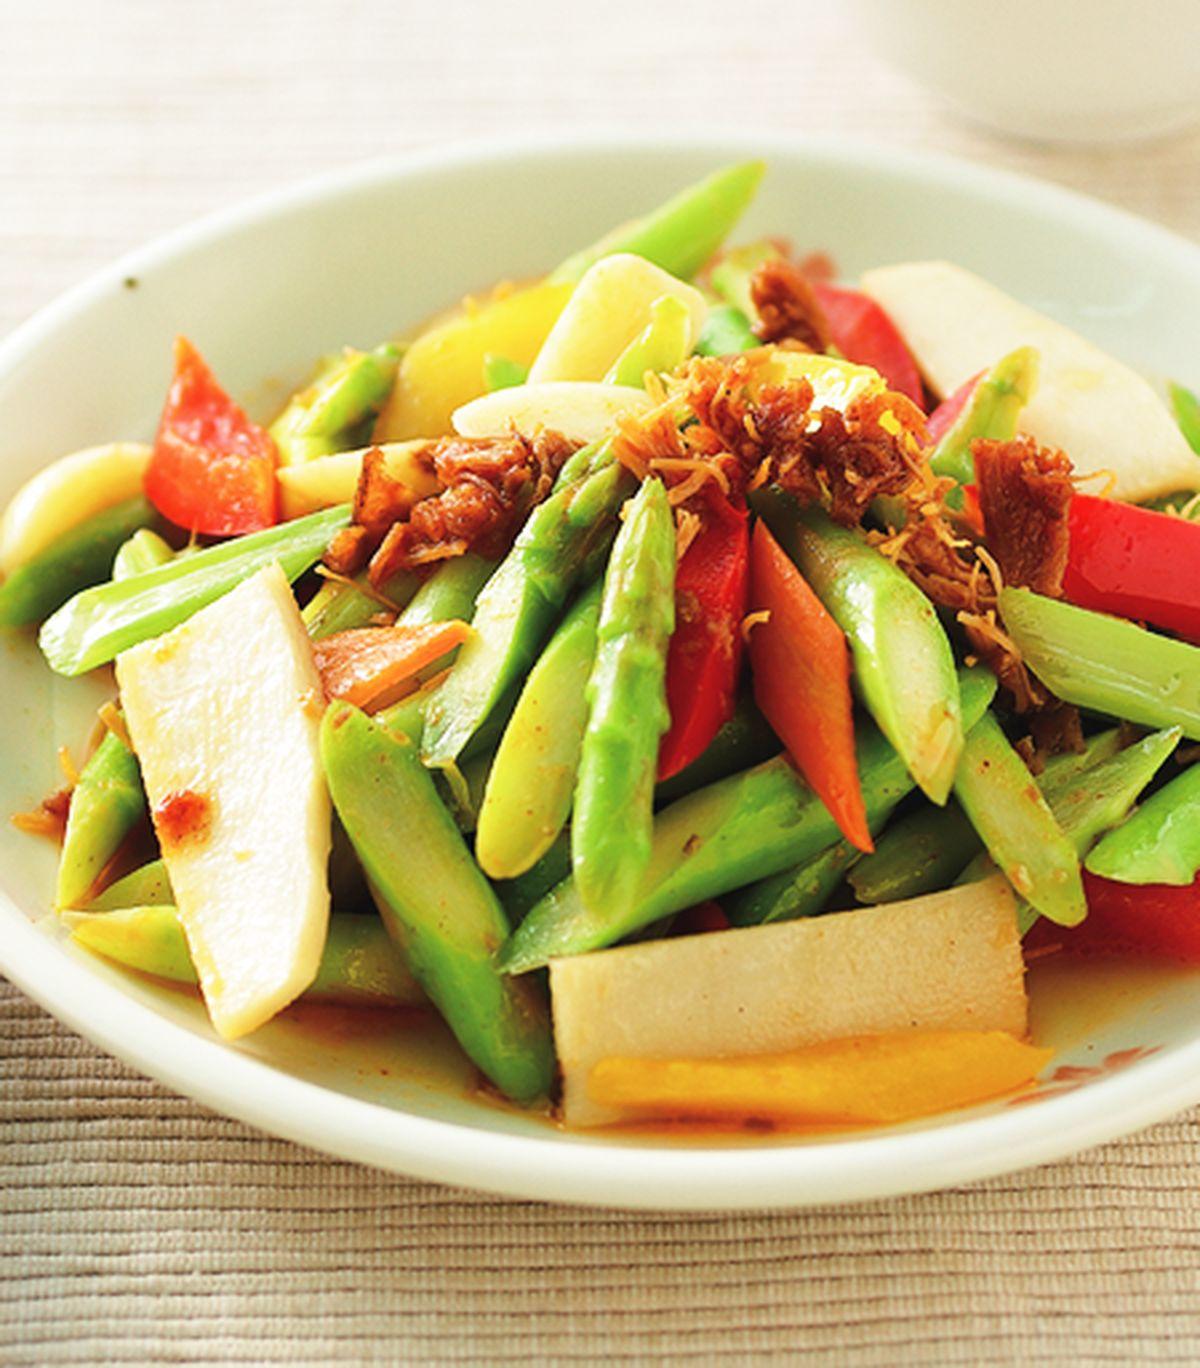 食譜:XO醬炒蘆筍